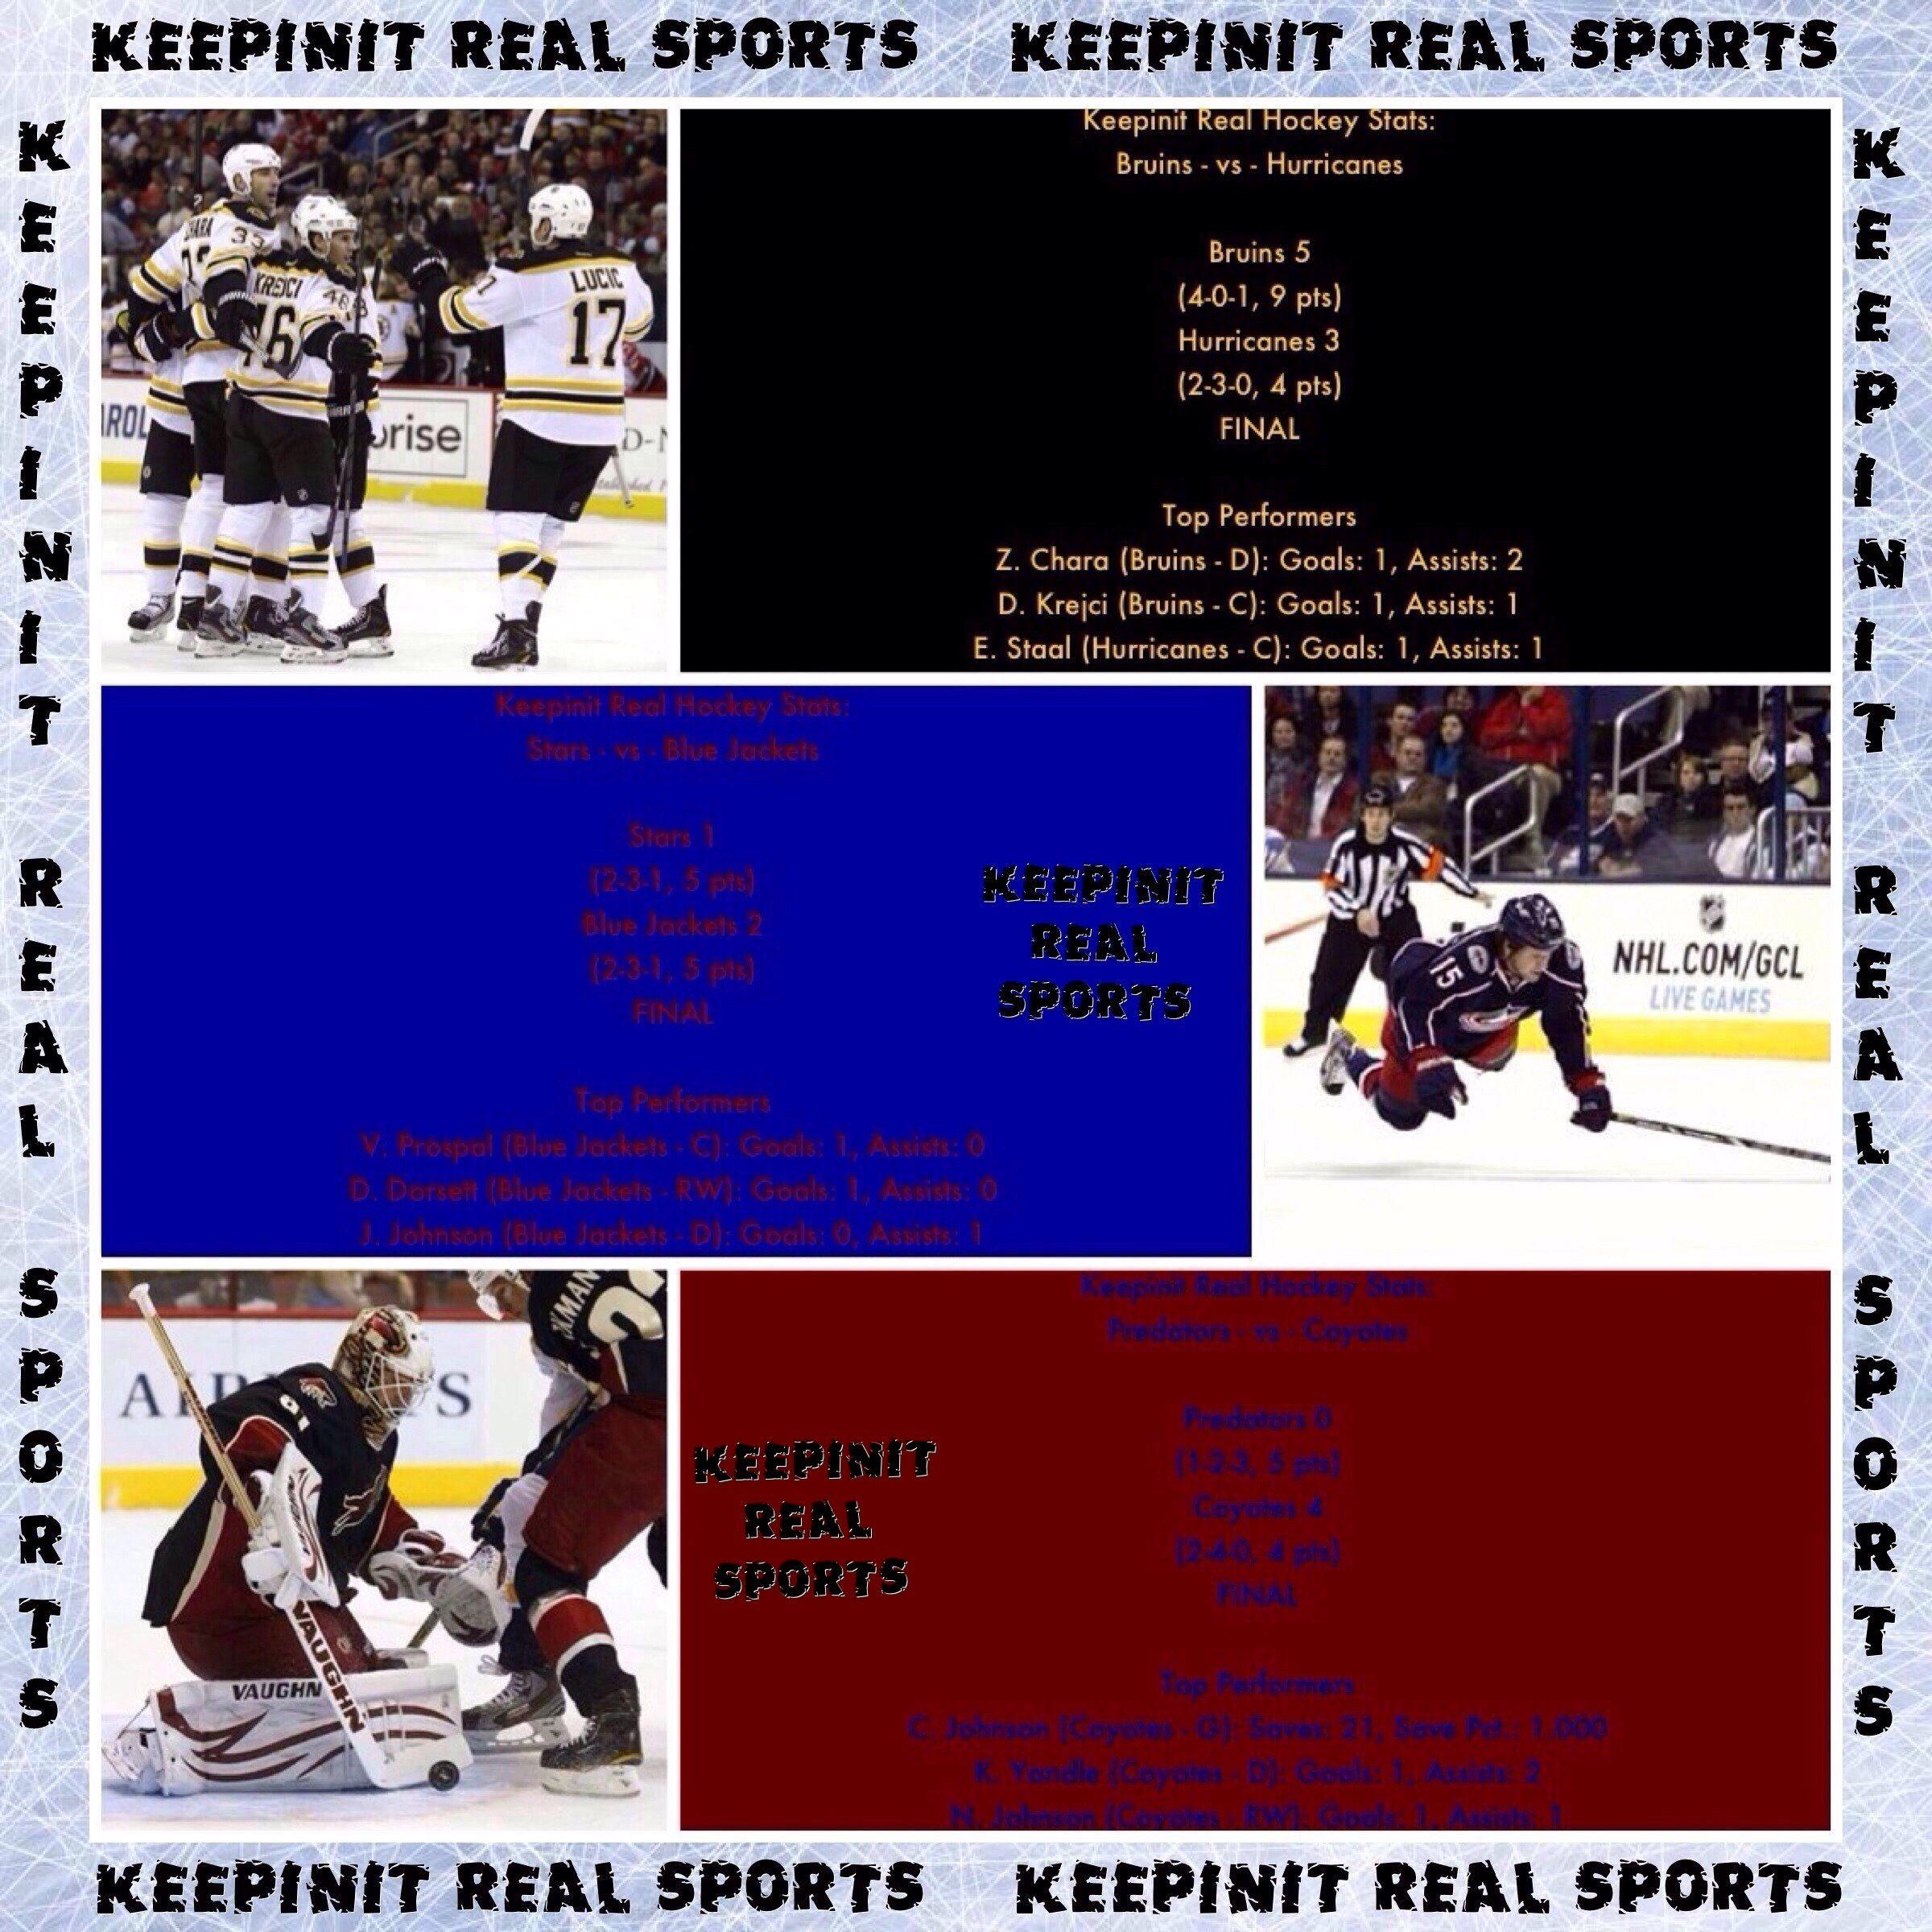 Keepinit Real Hockey Stats Bruins Vs Hurricanes Bruins 5 4 0 1 9 Pts Hurricanes 3 2 3 0 4 Pts Final Keepinit Real Hockey Stats Finals Goals Bruins